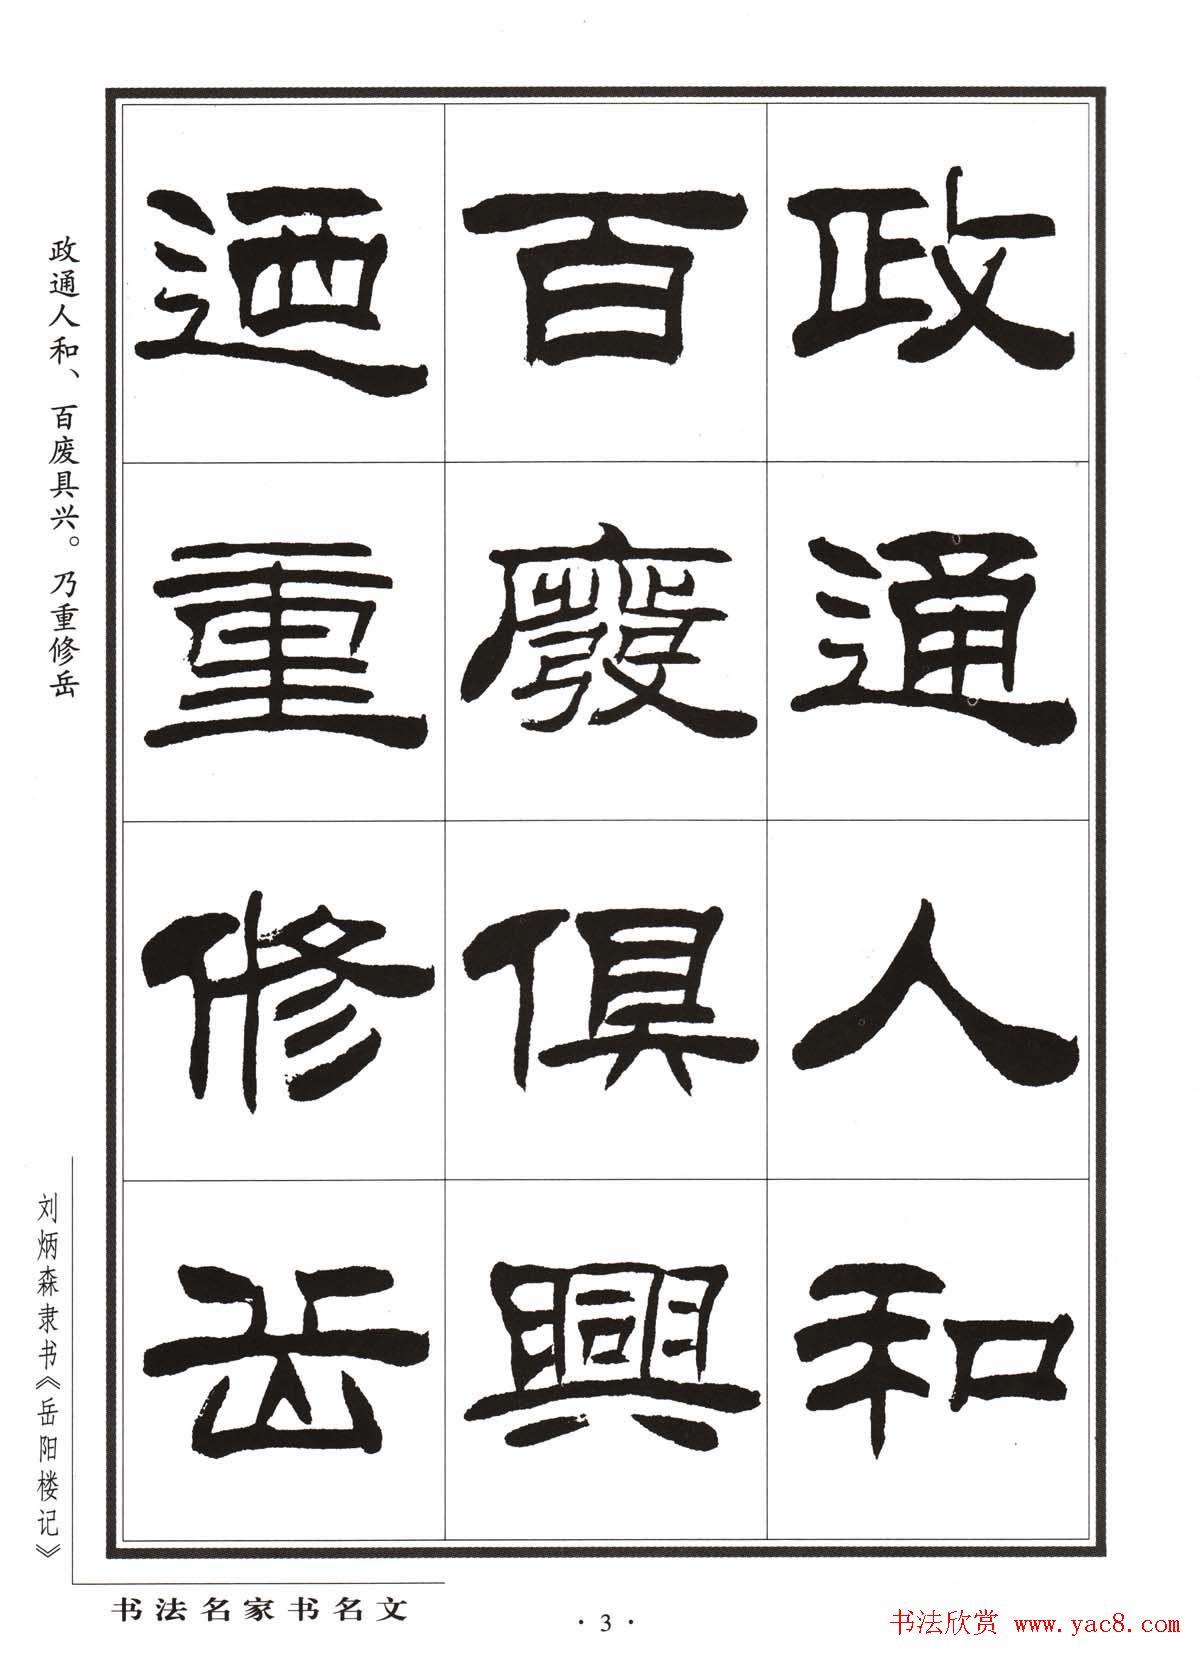 刘炳森隶书字帖欣赏《岳阳楼记》(3)图片